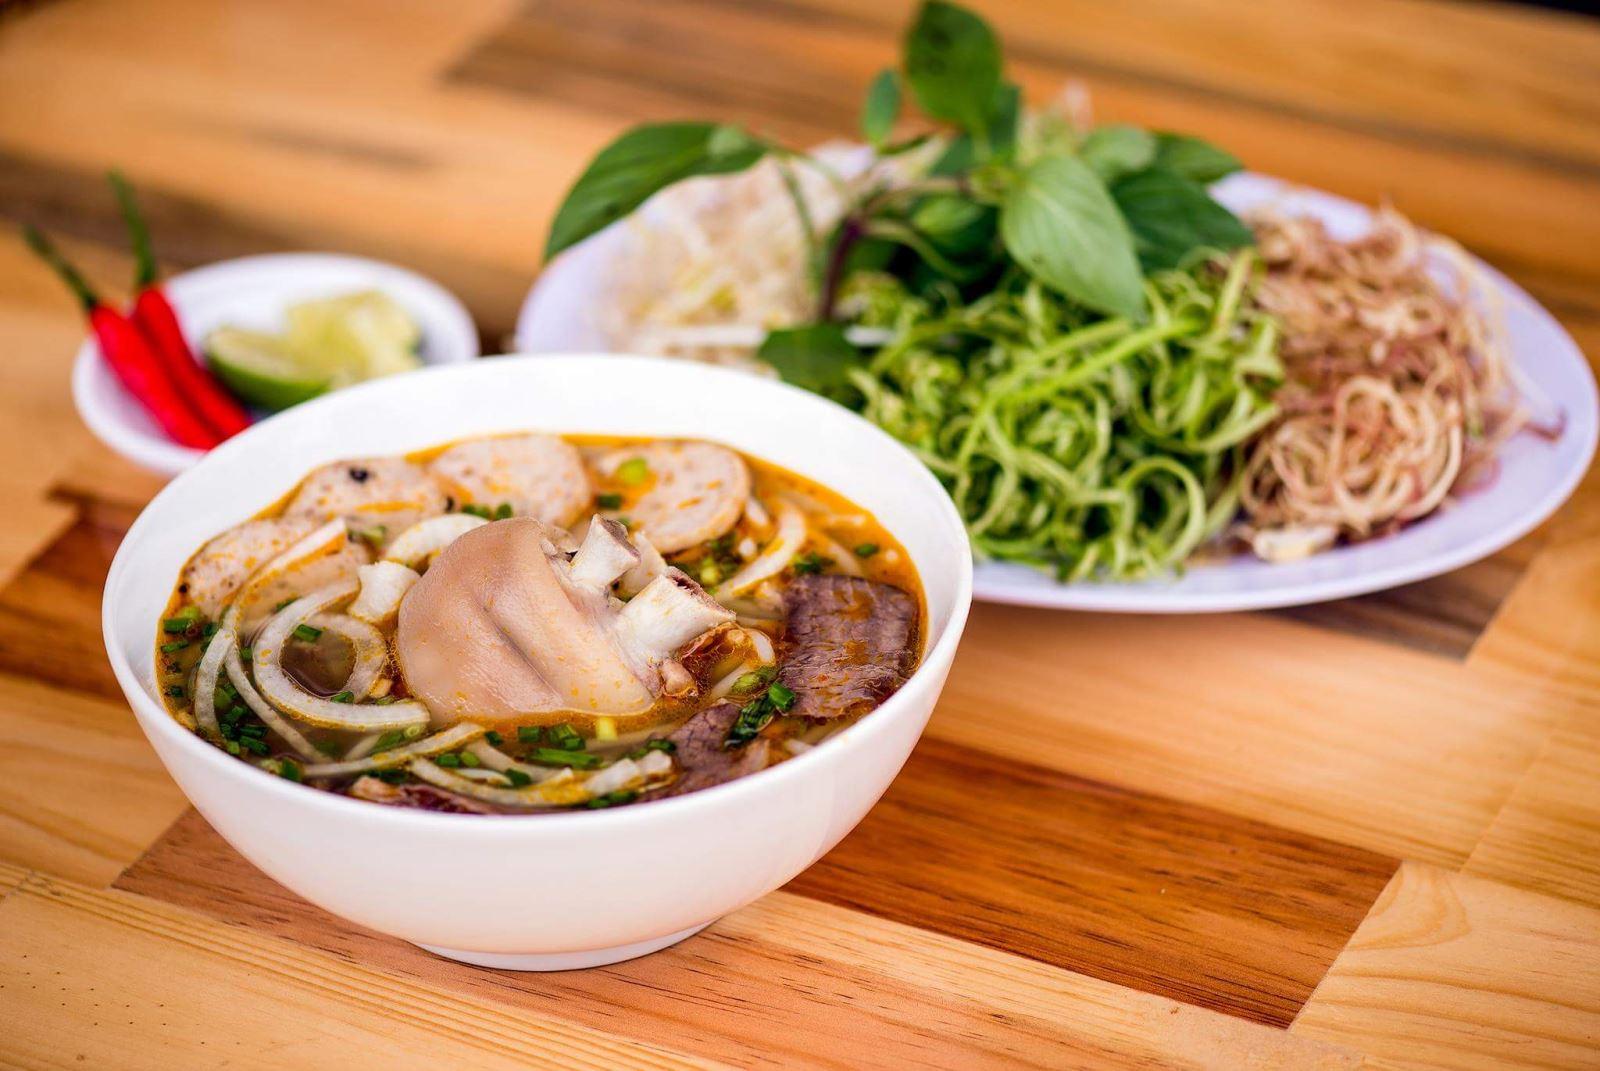 Cách nấu Bún Bò Huế ngon đúng chuẩn hương vị miền trung